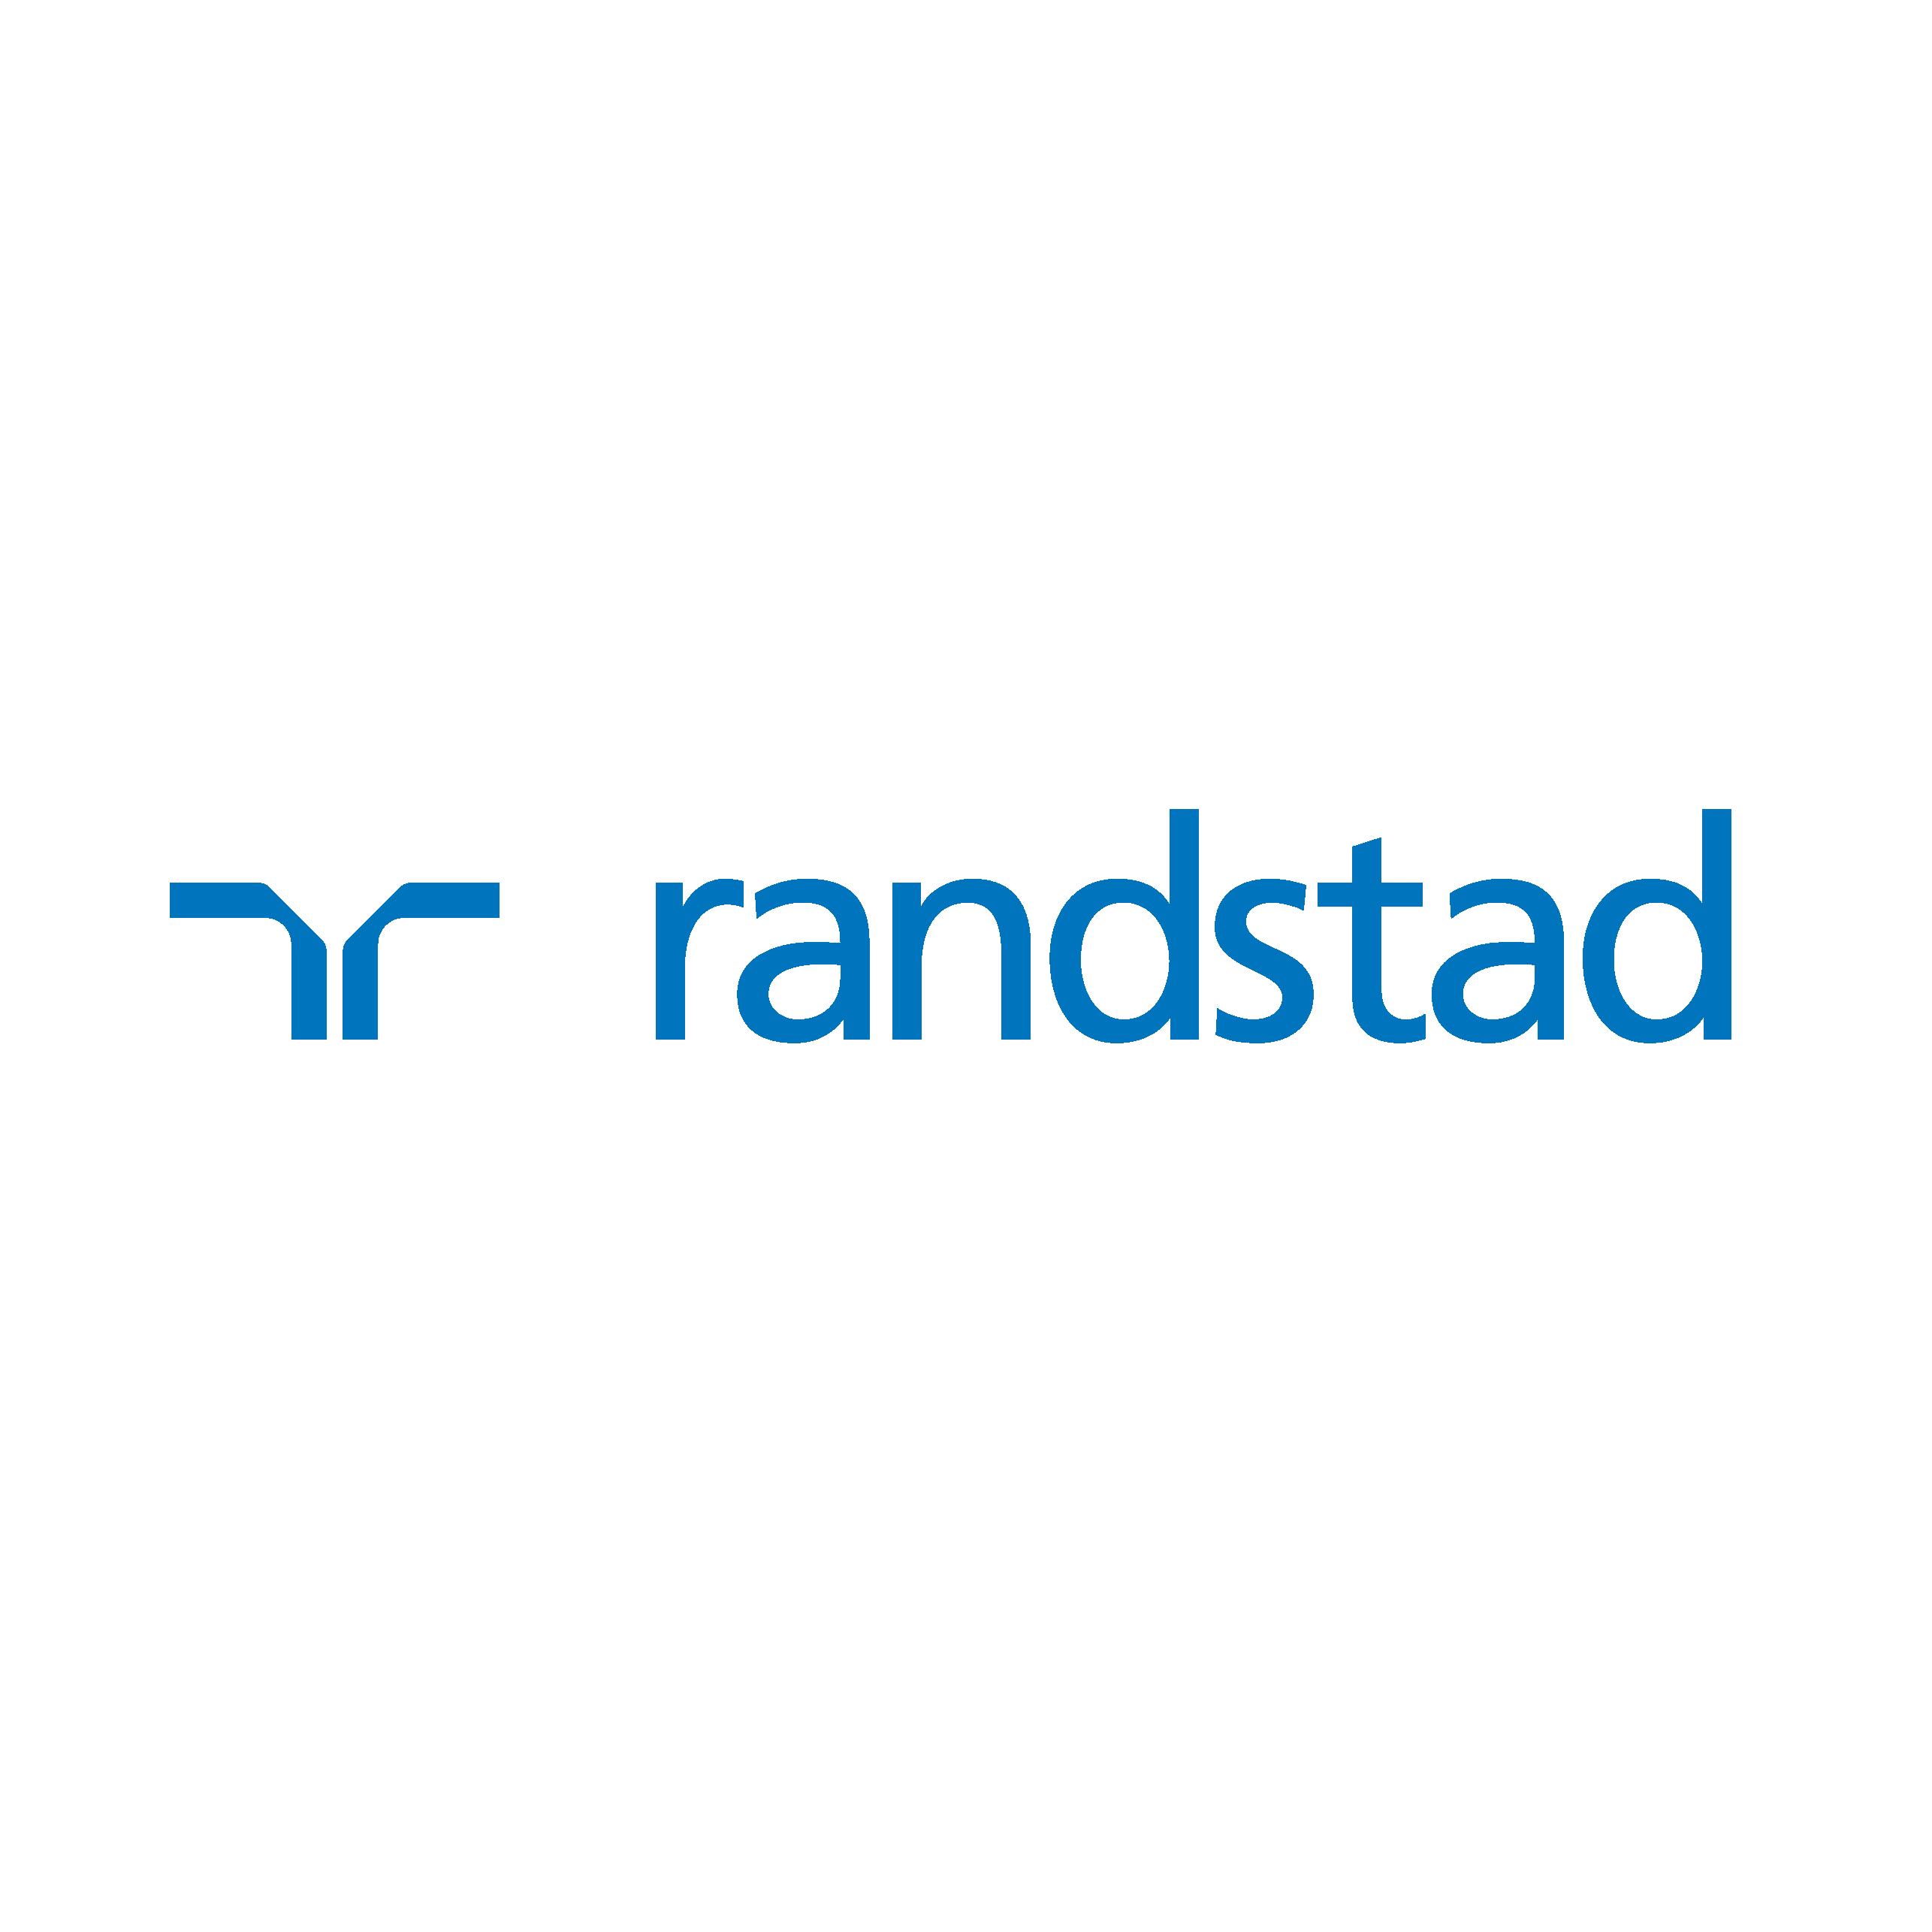 Randstad-01